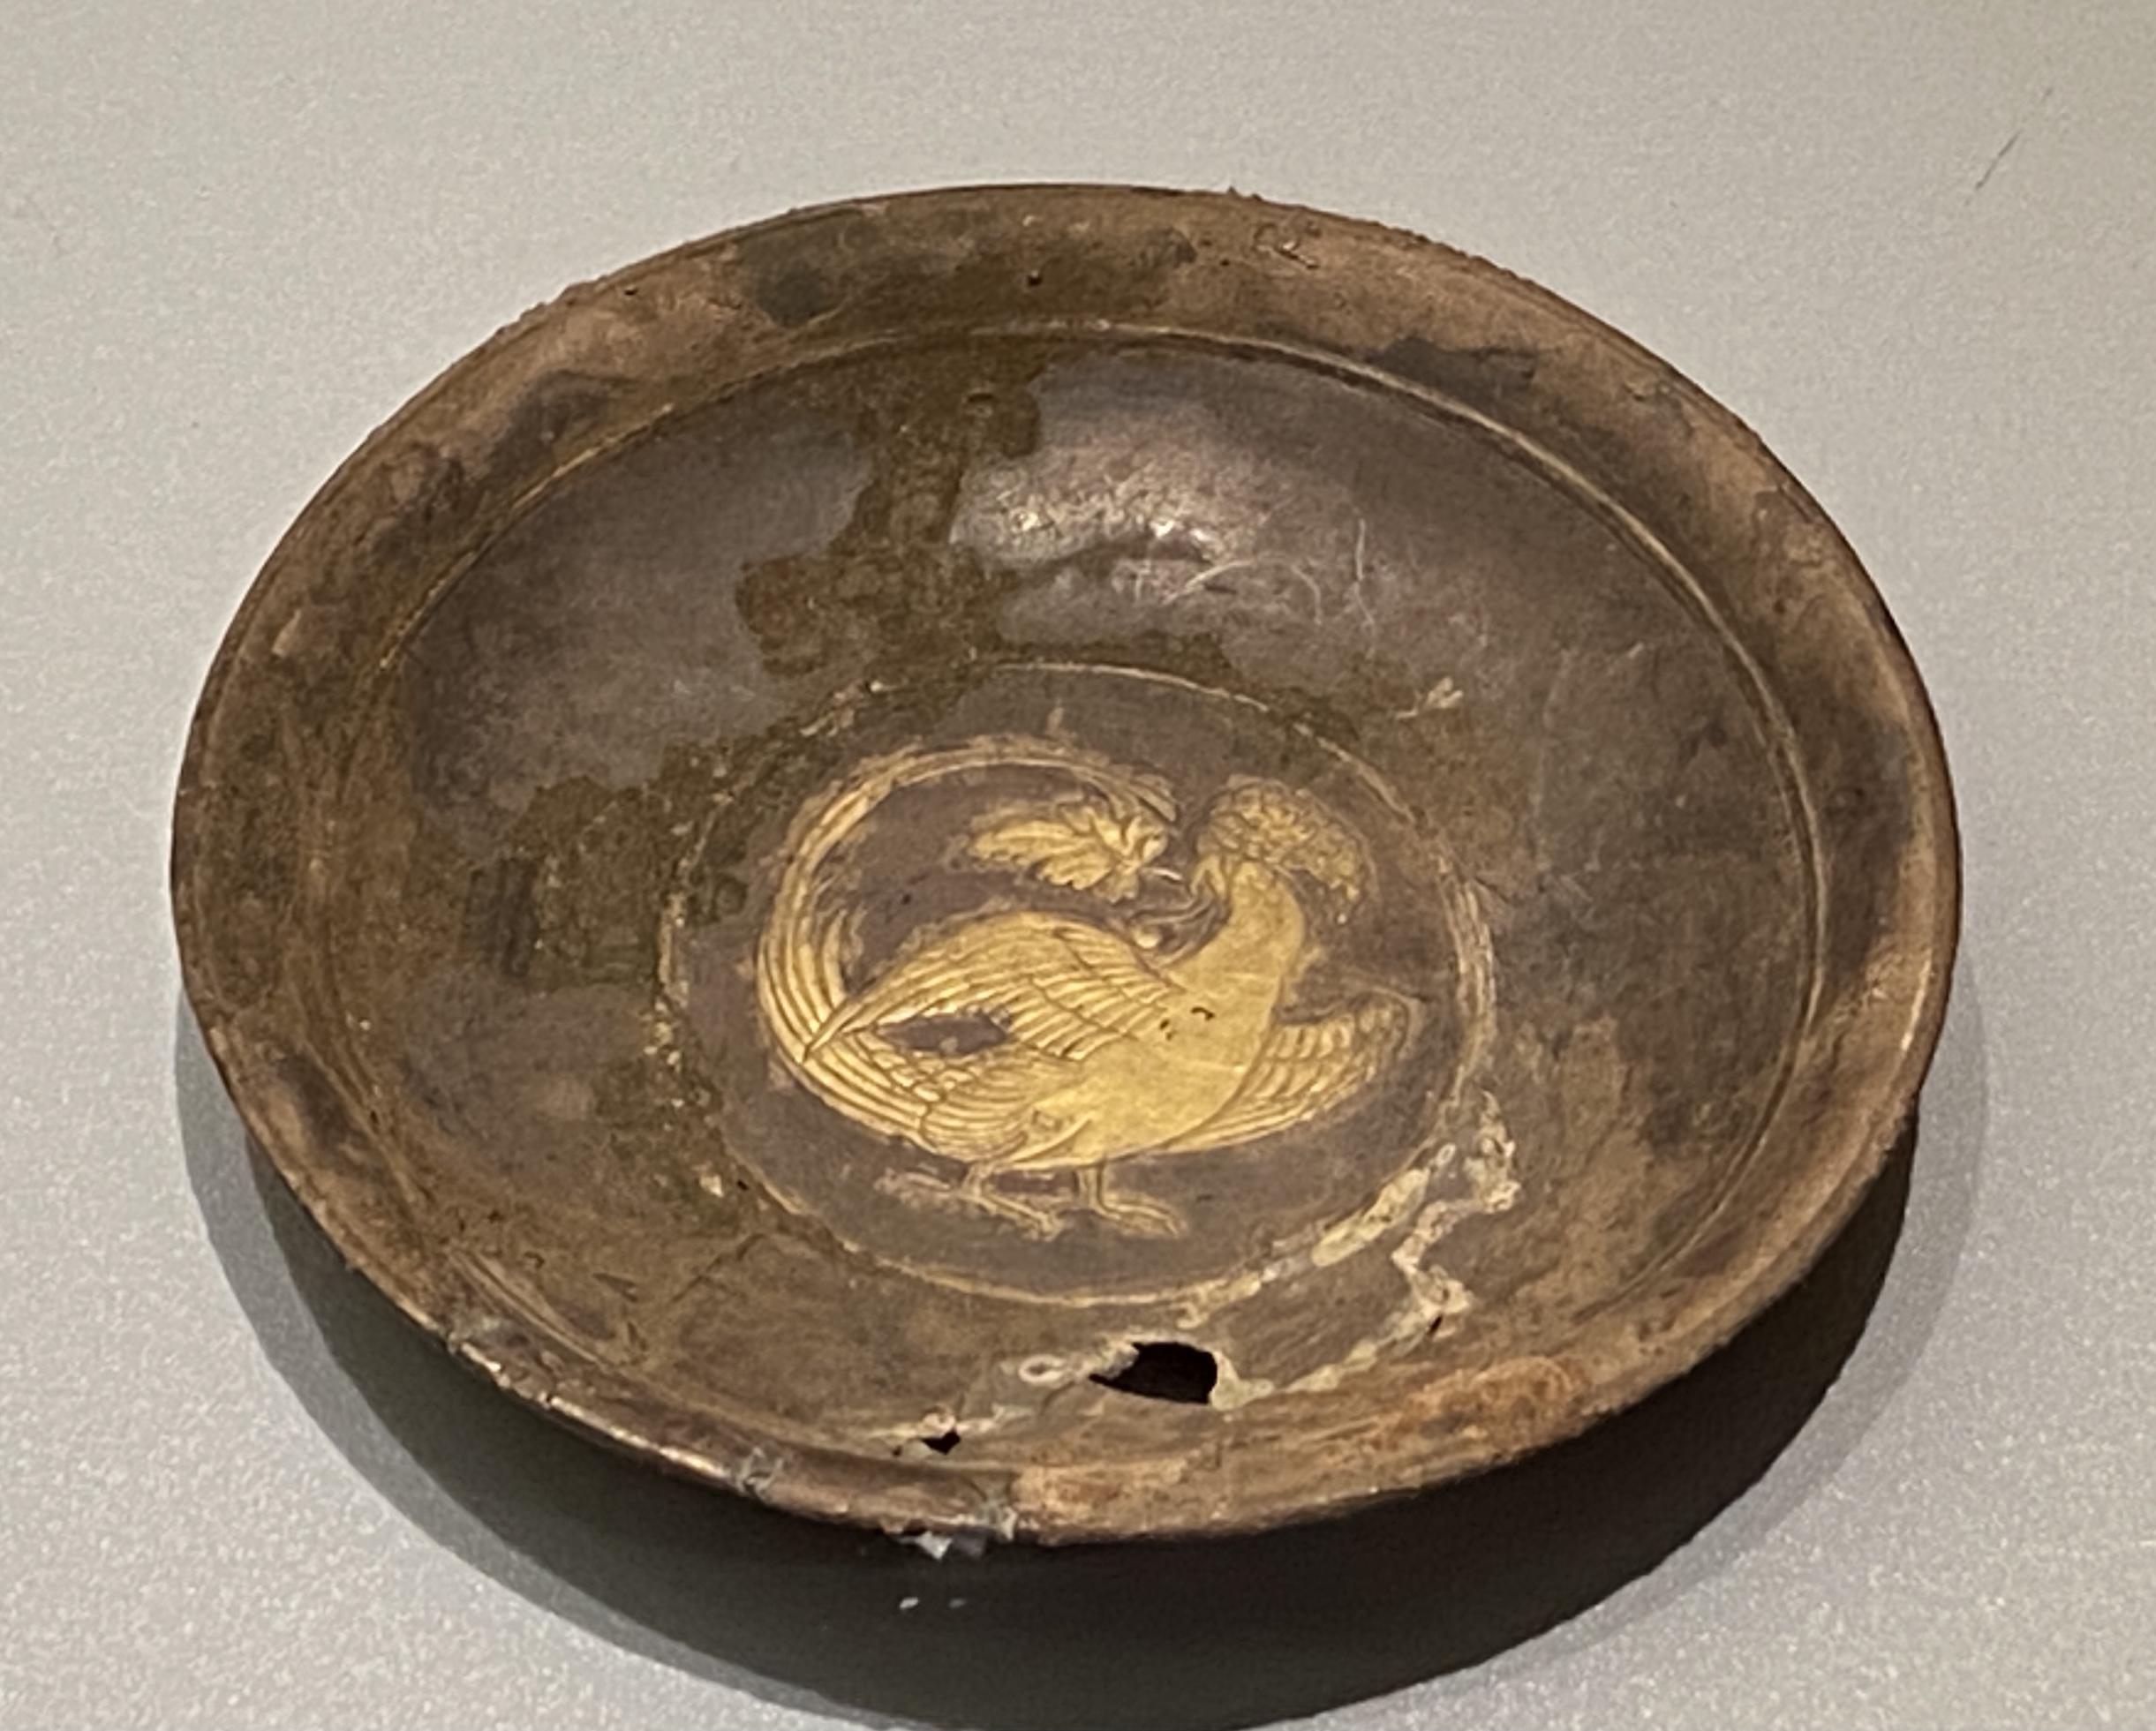 鎏金鸚鵡文銀盤-唐時代-特別展【食味人間】四川博物院・中国国家博物館